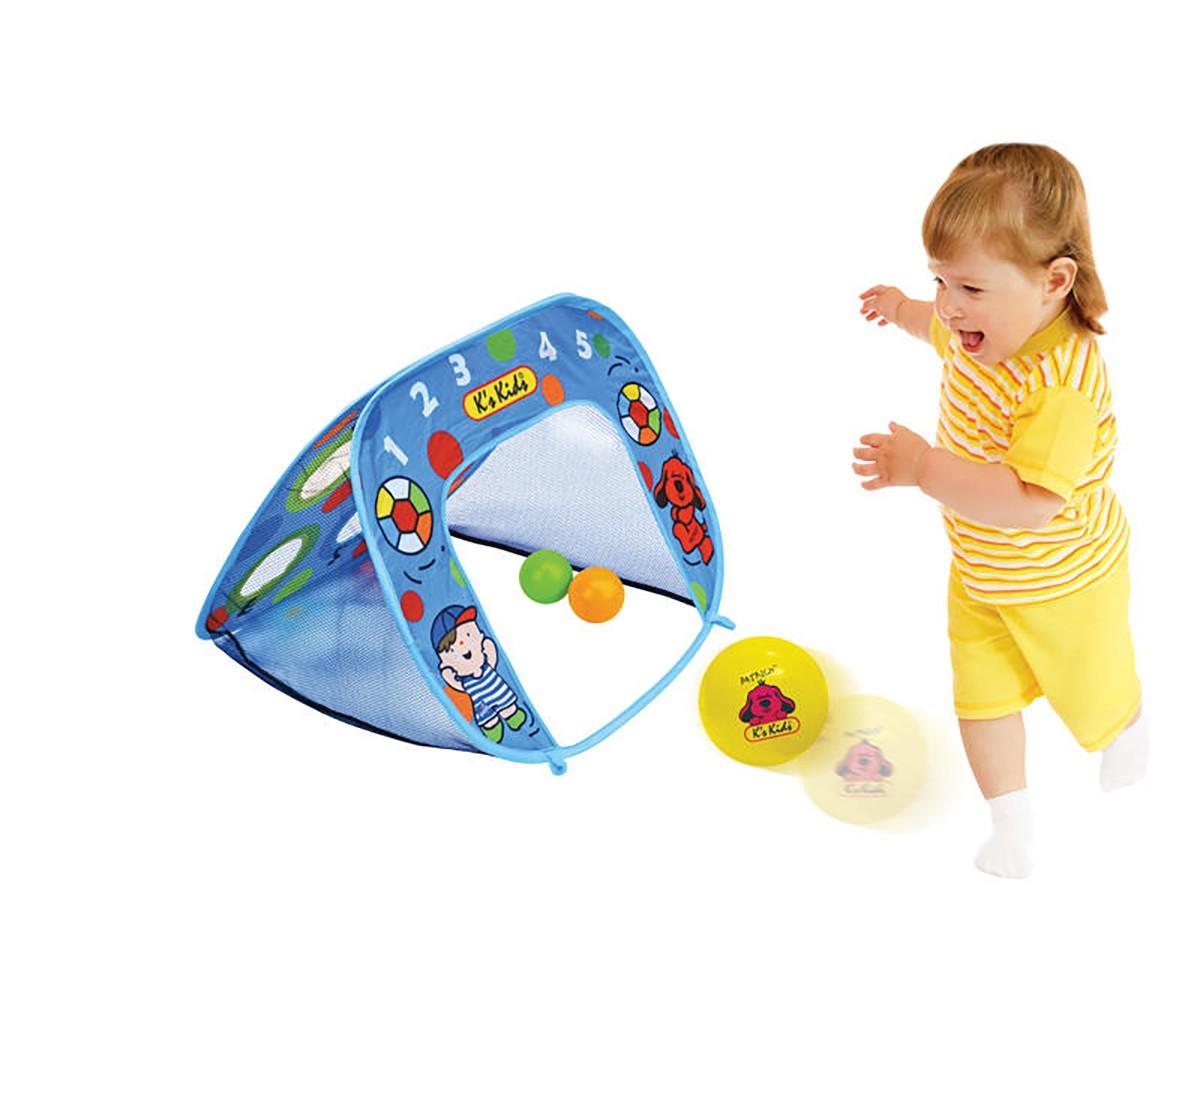 Ks Kids Baby Go Go Goal Baby Gear for Kids age 18M +